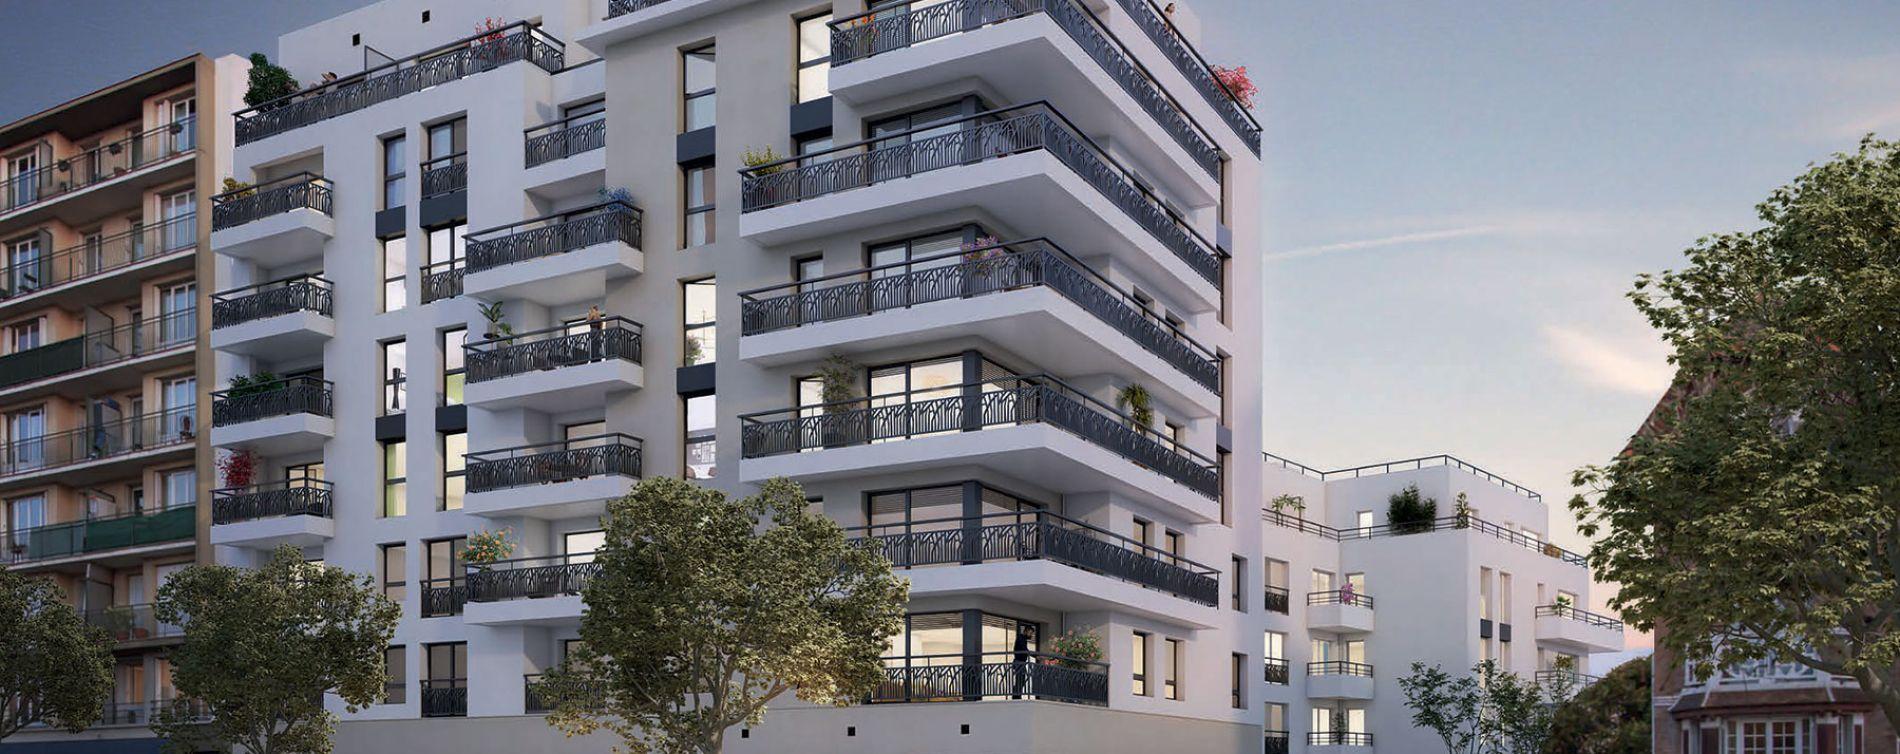 Champigny-sur-Marne : programme immobilier neuve « Programme immobilier n°218282 »